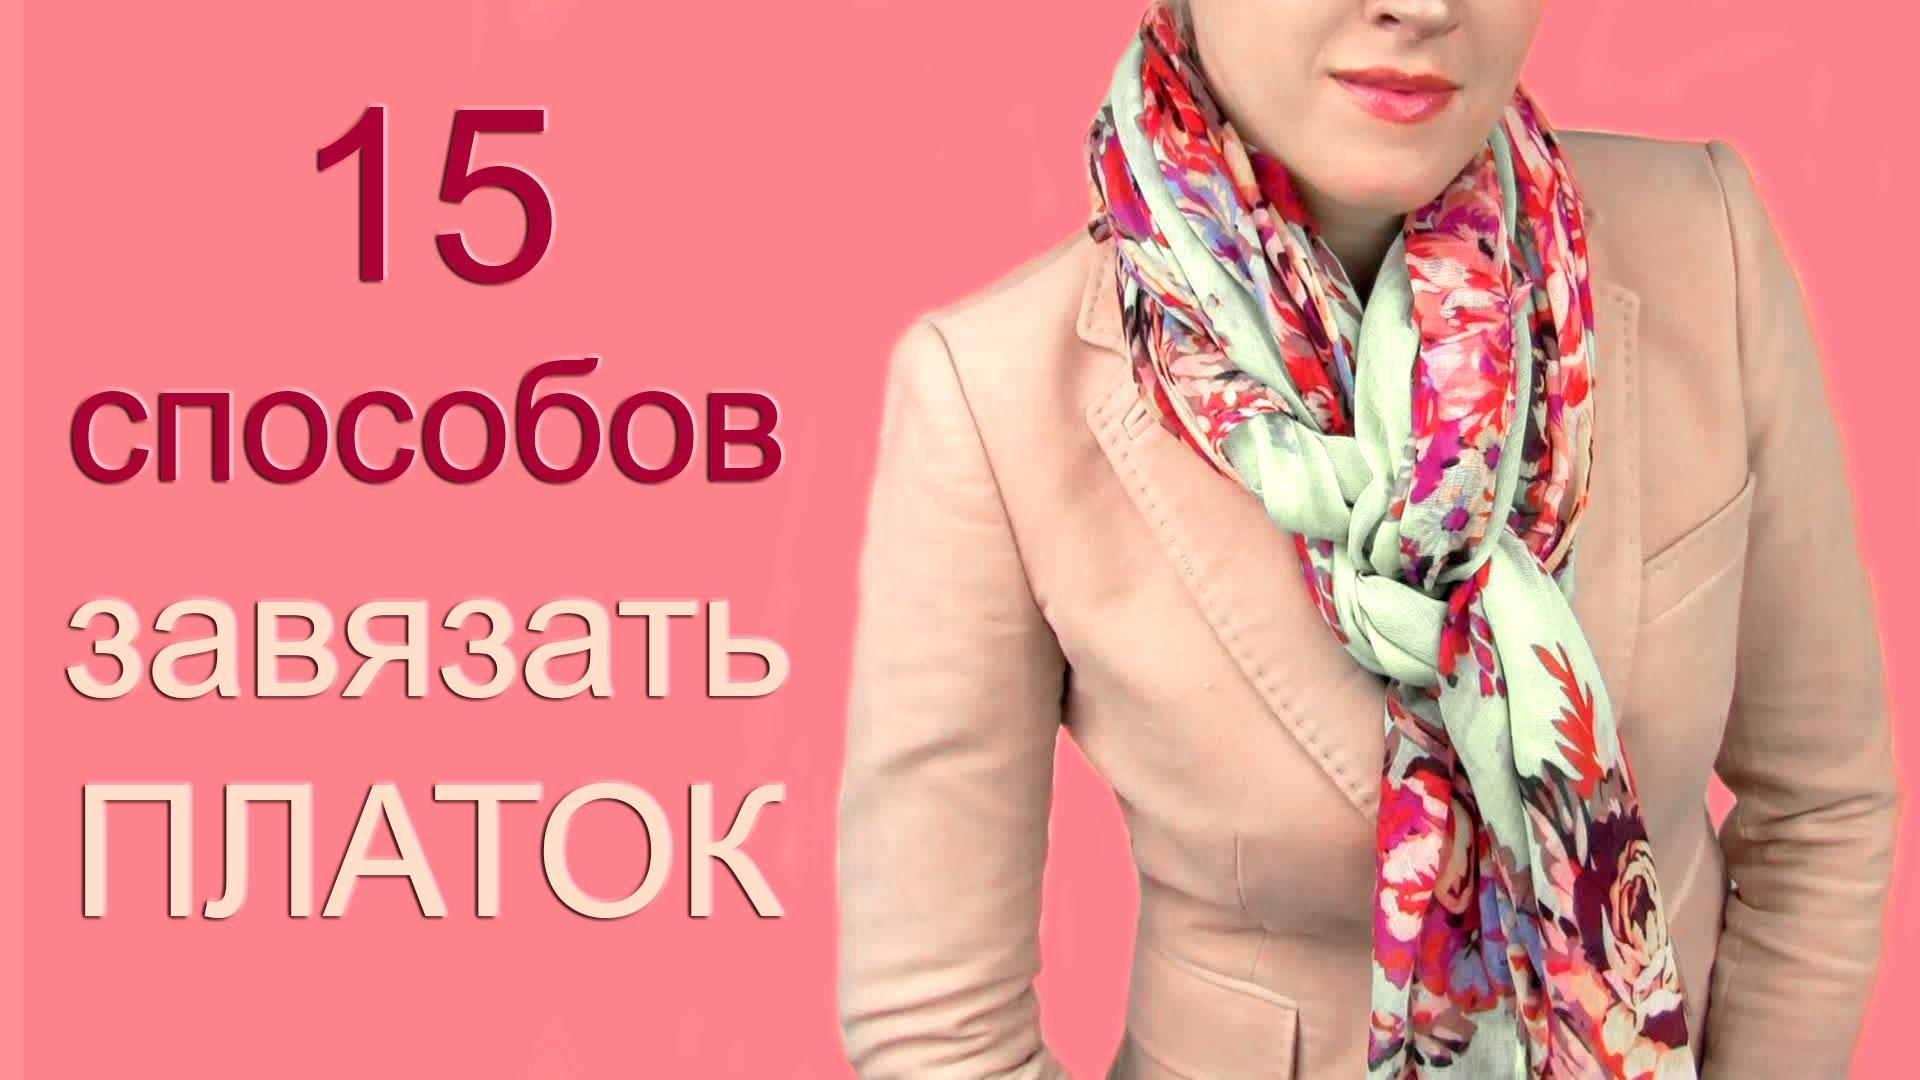 Как завязать шарф или платок на шее разными способами - Твой интернет